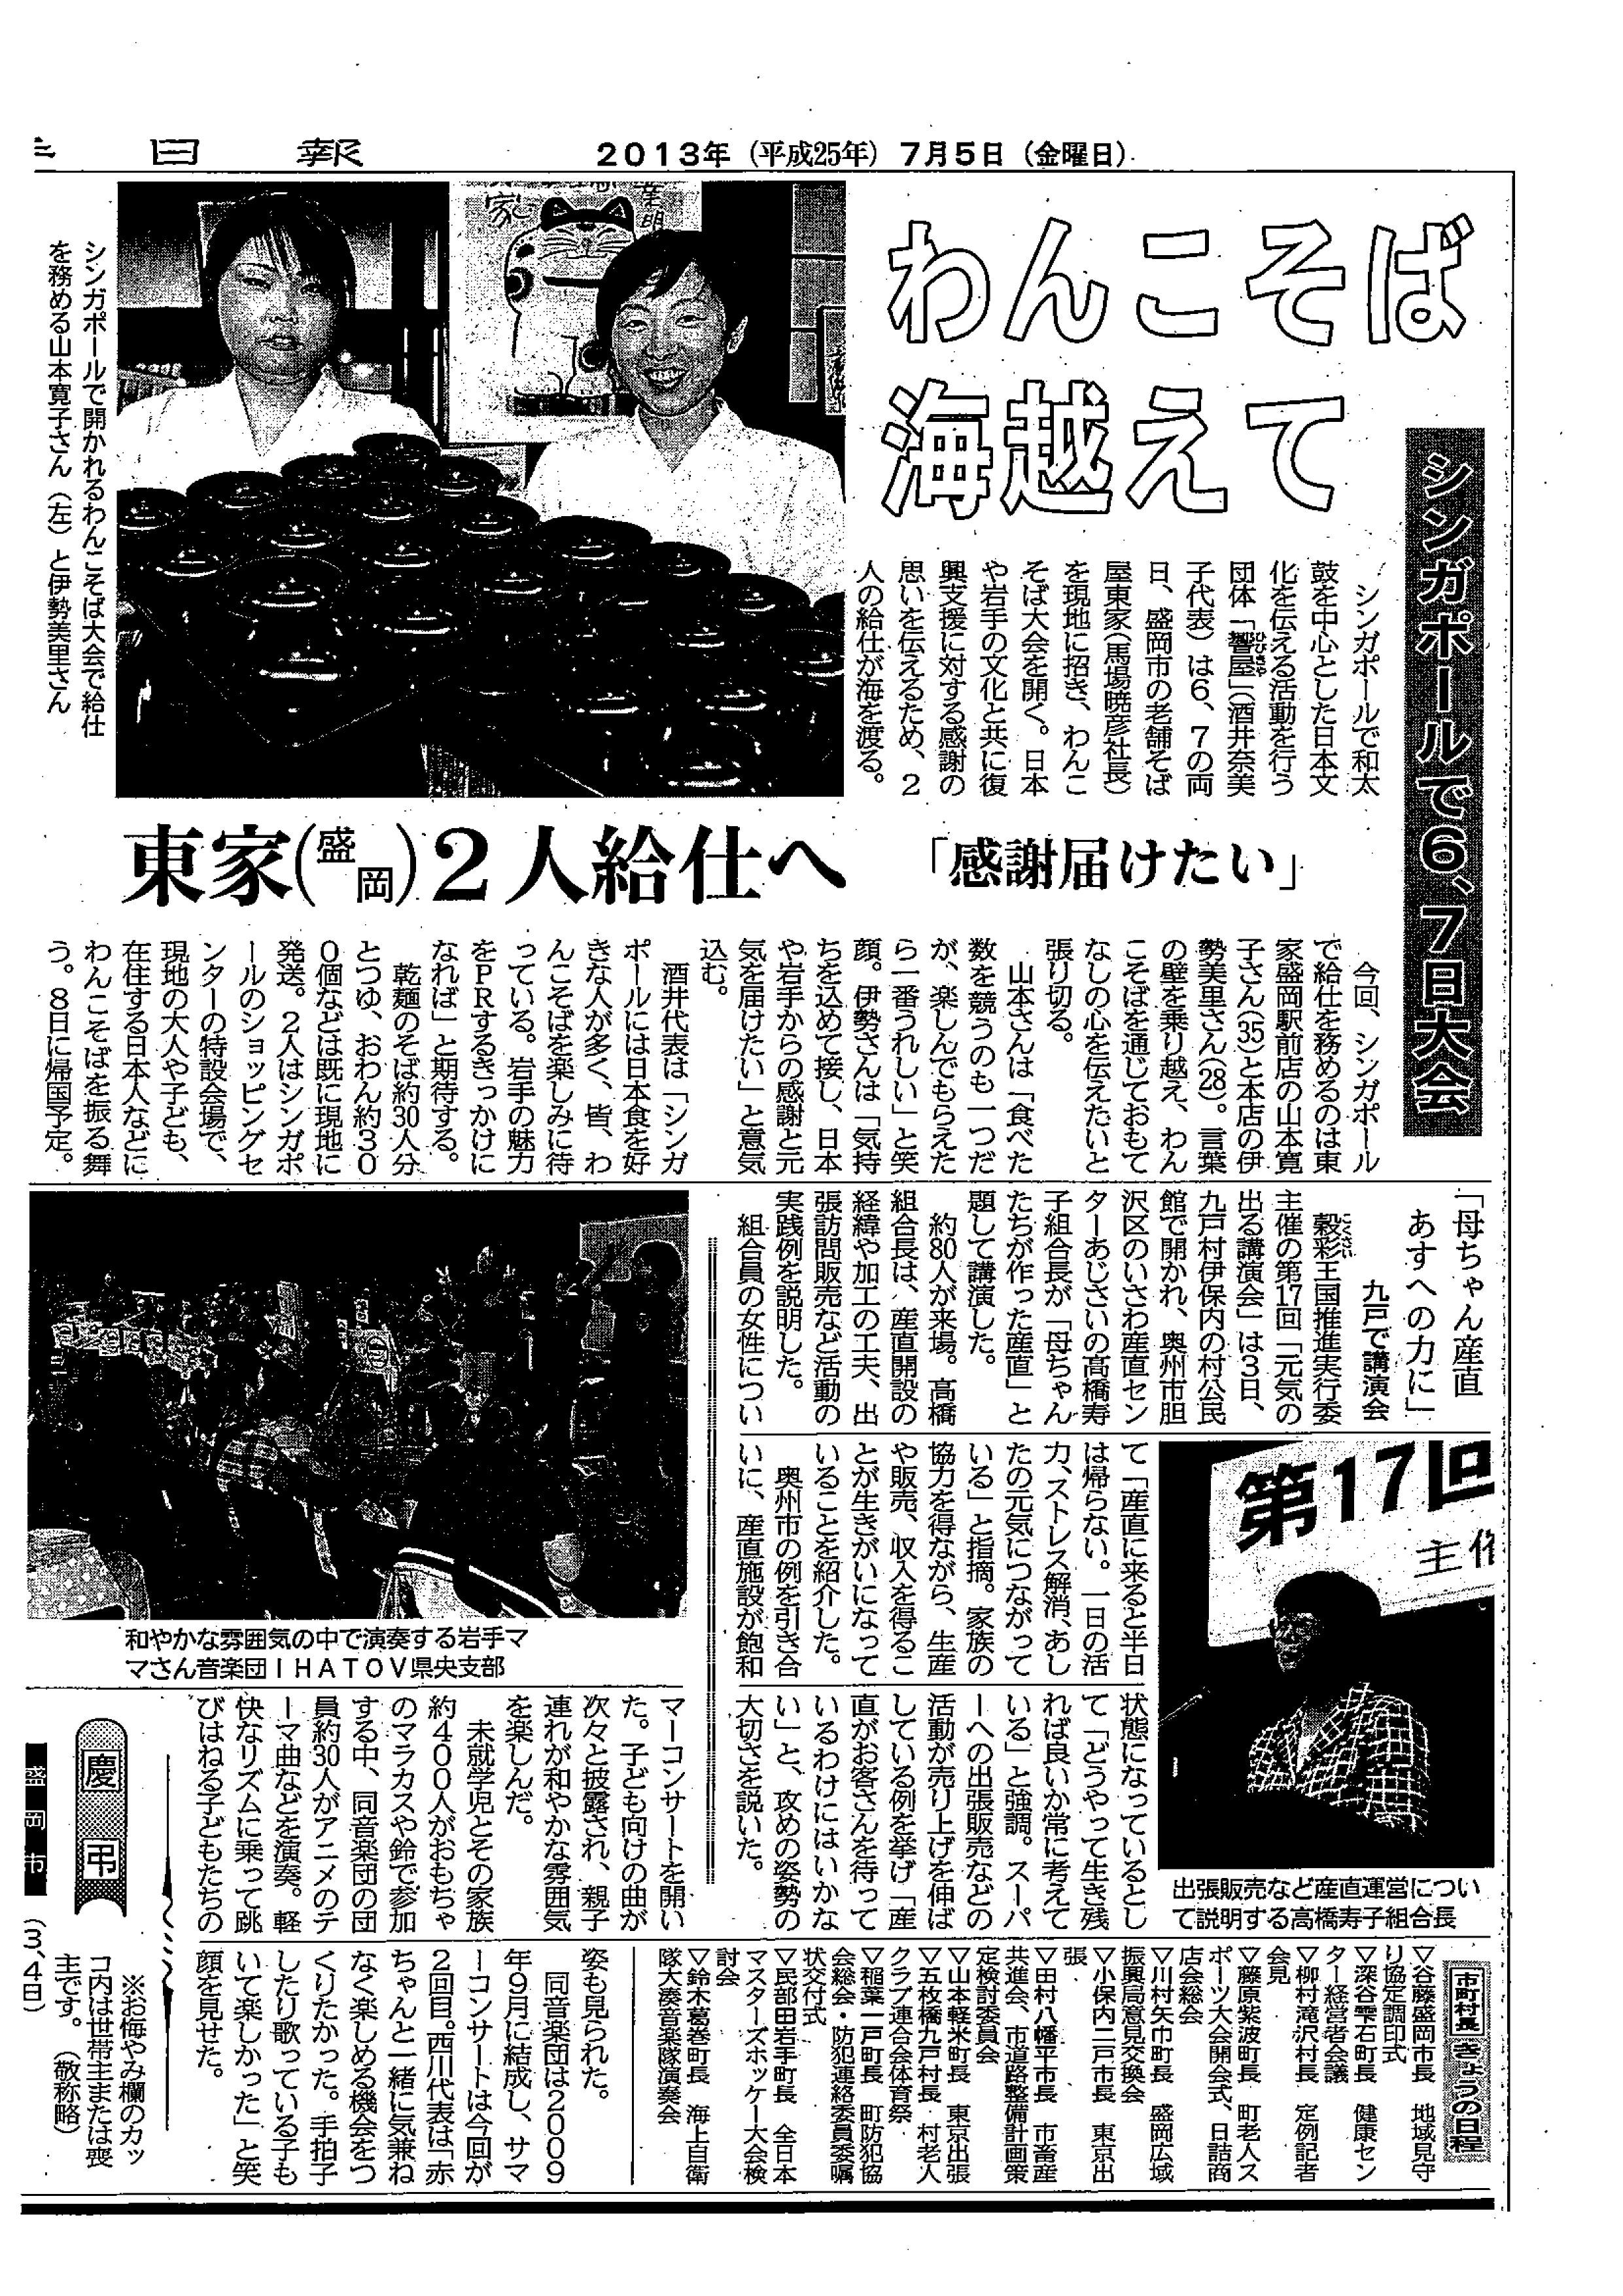 岩手日報-5-July-2013